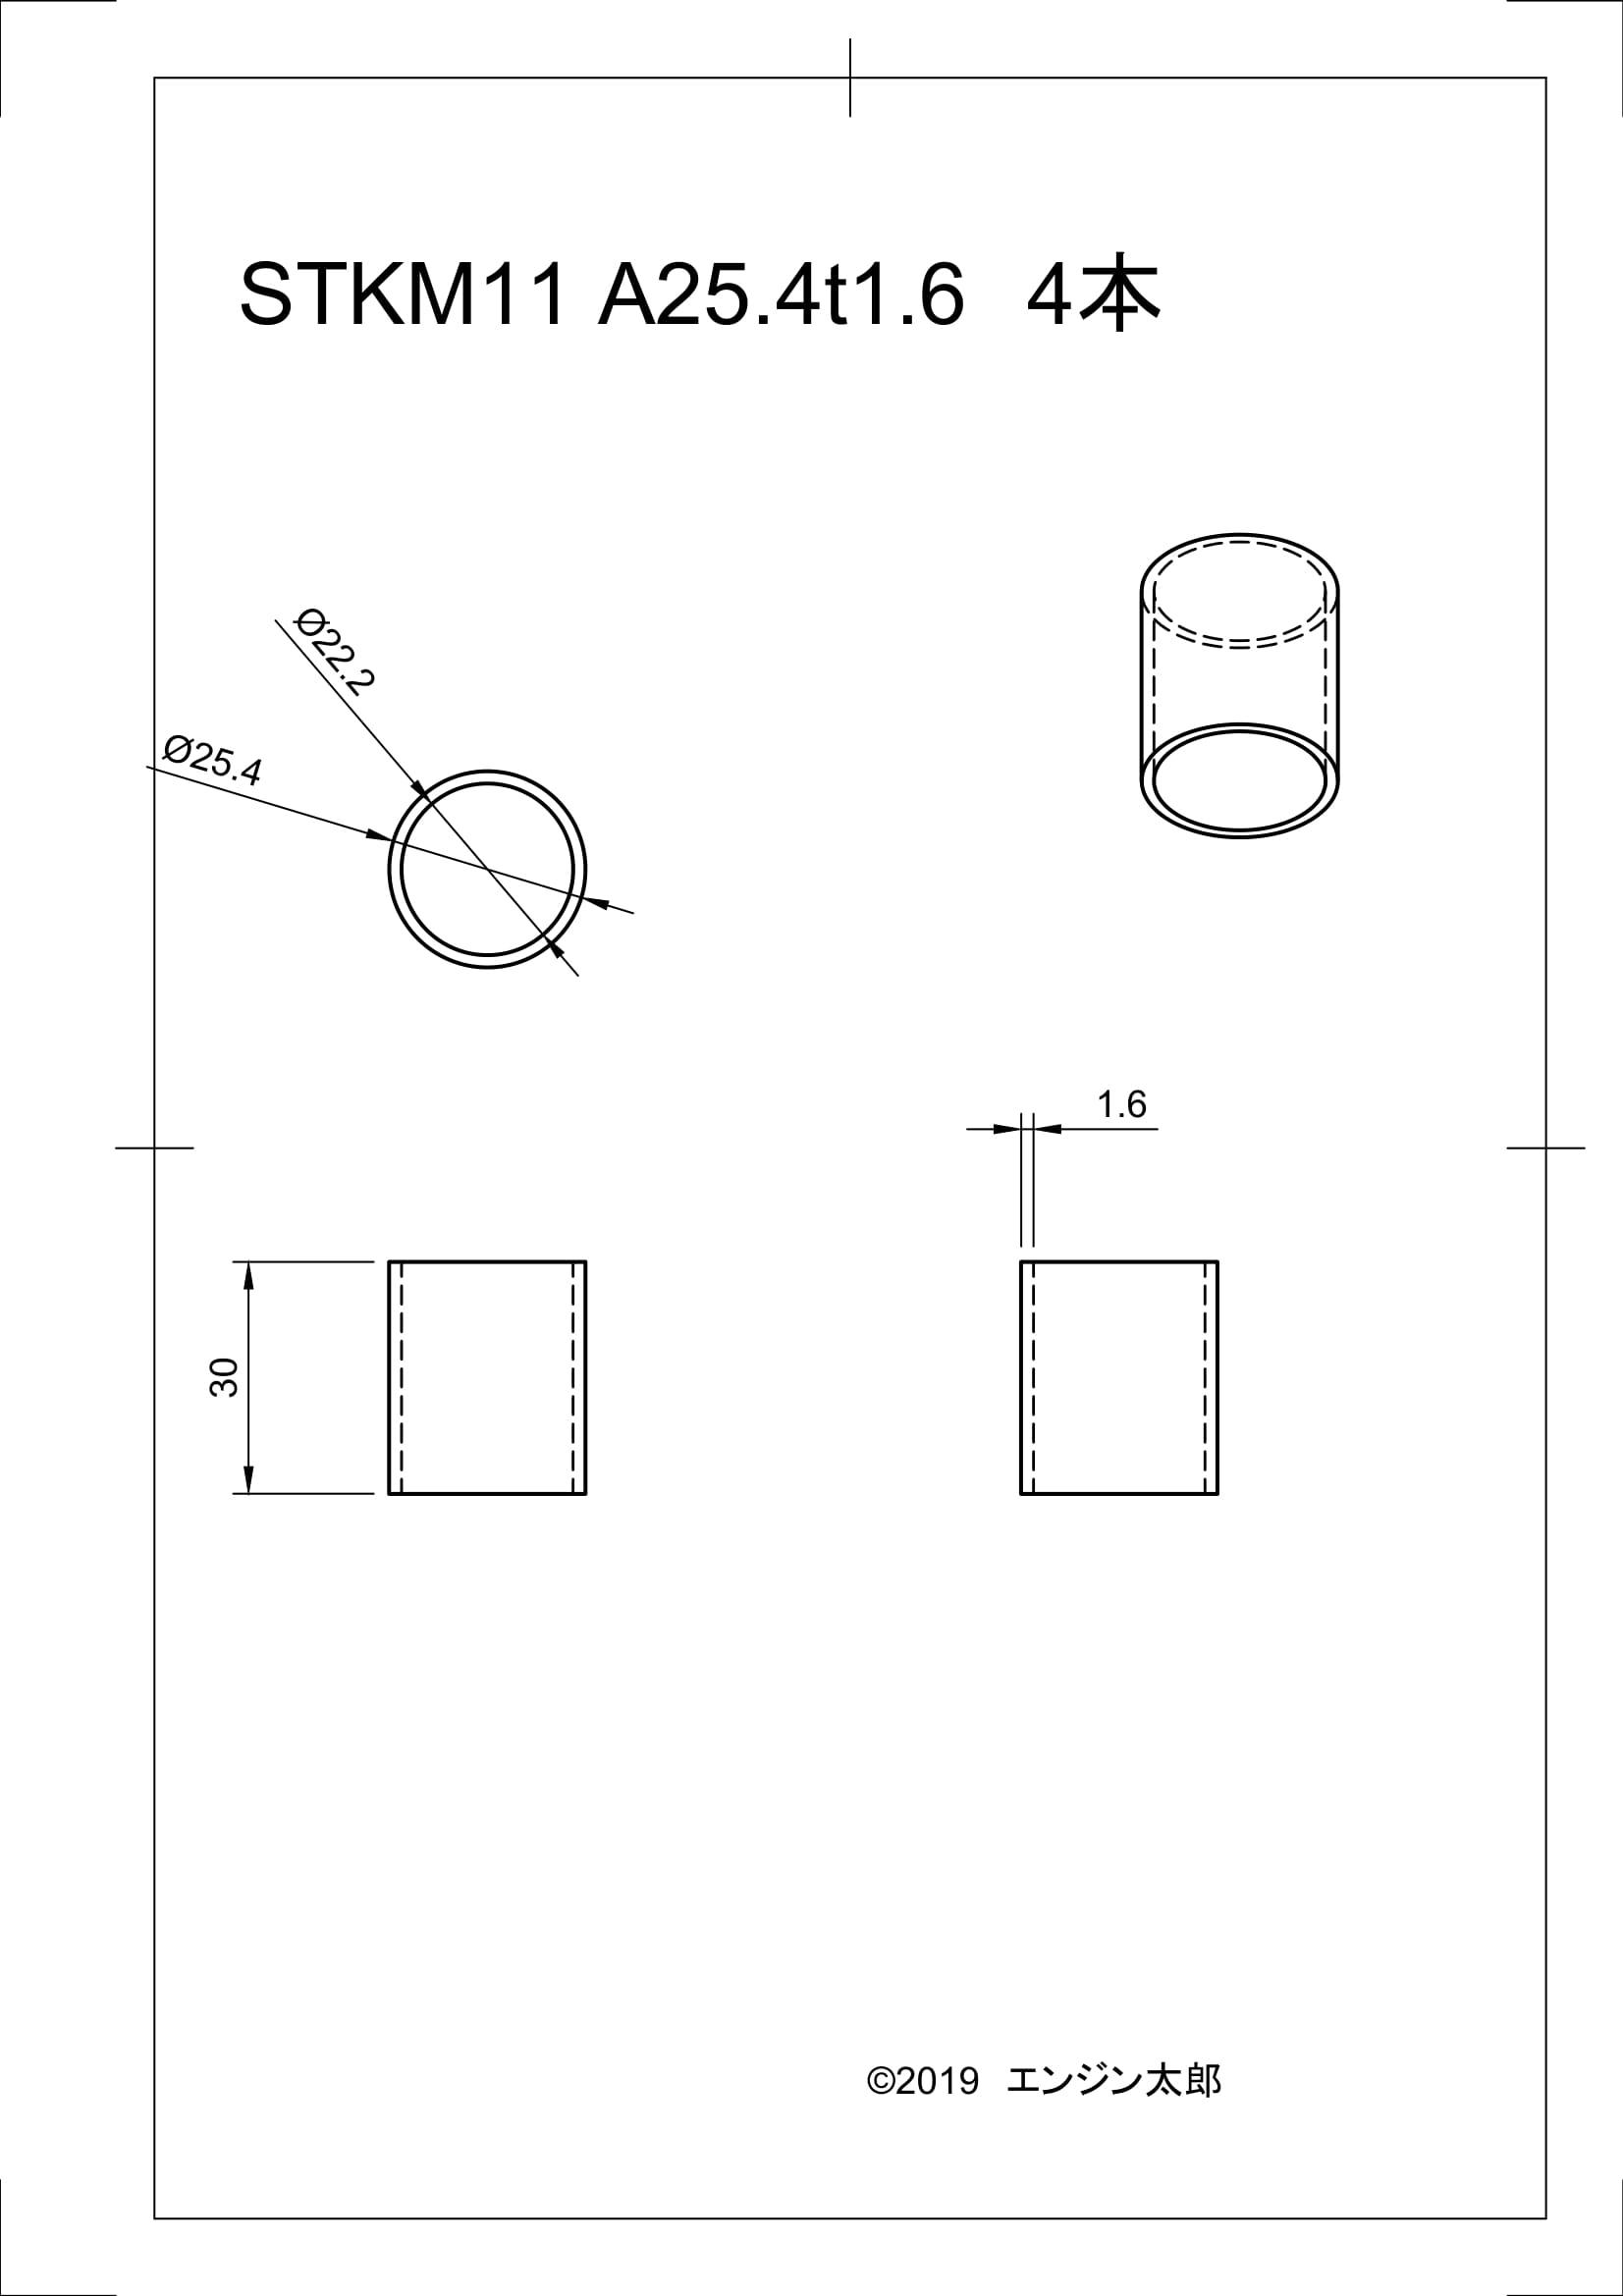 8チューブローラー2_STKM11A25 4t1 6-4 図面-1